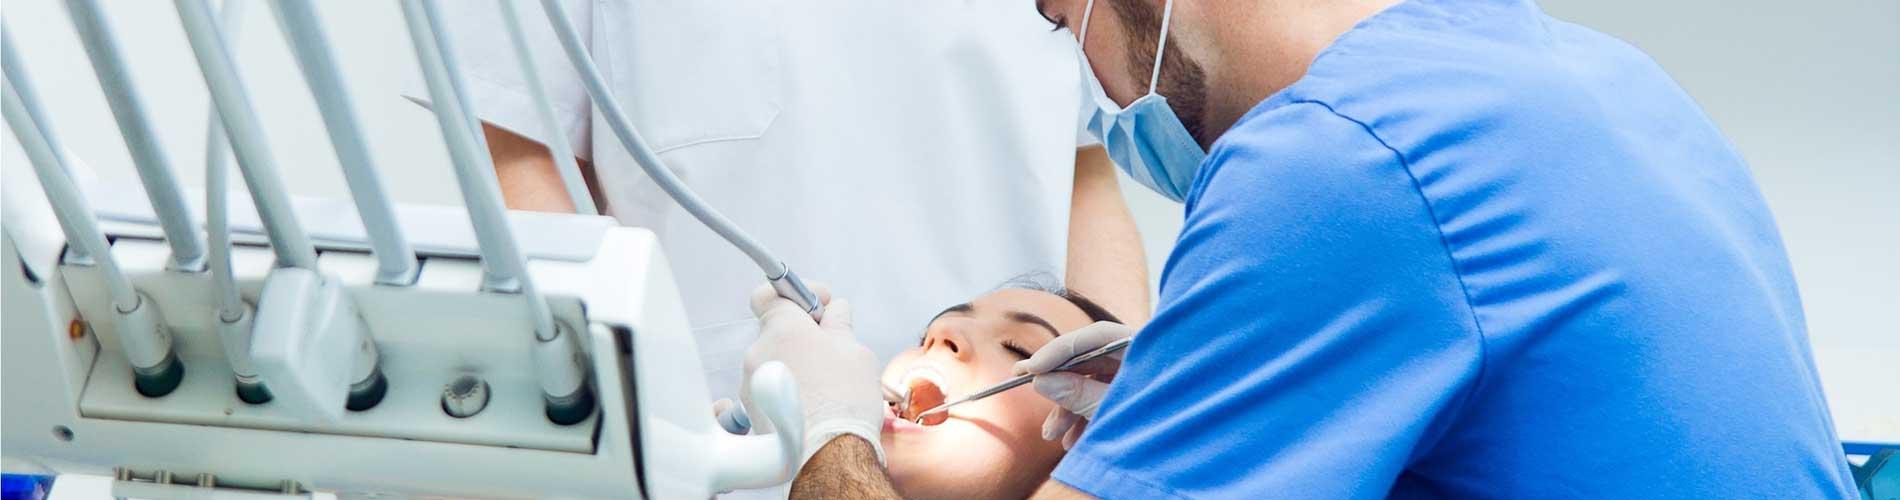 Как лечить зубы в разгар пандемии и можно ли заразиться в кабинете стоматолога